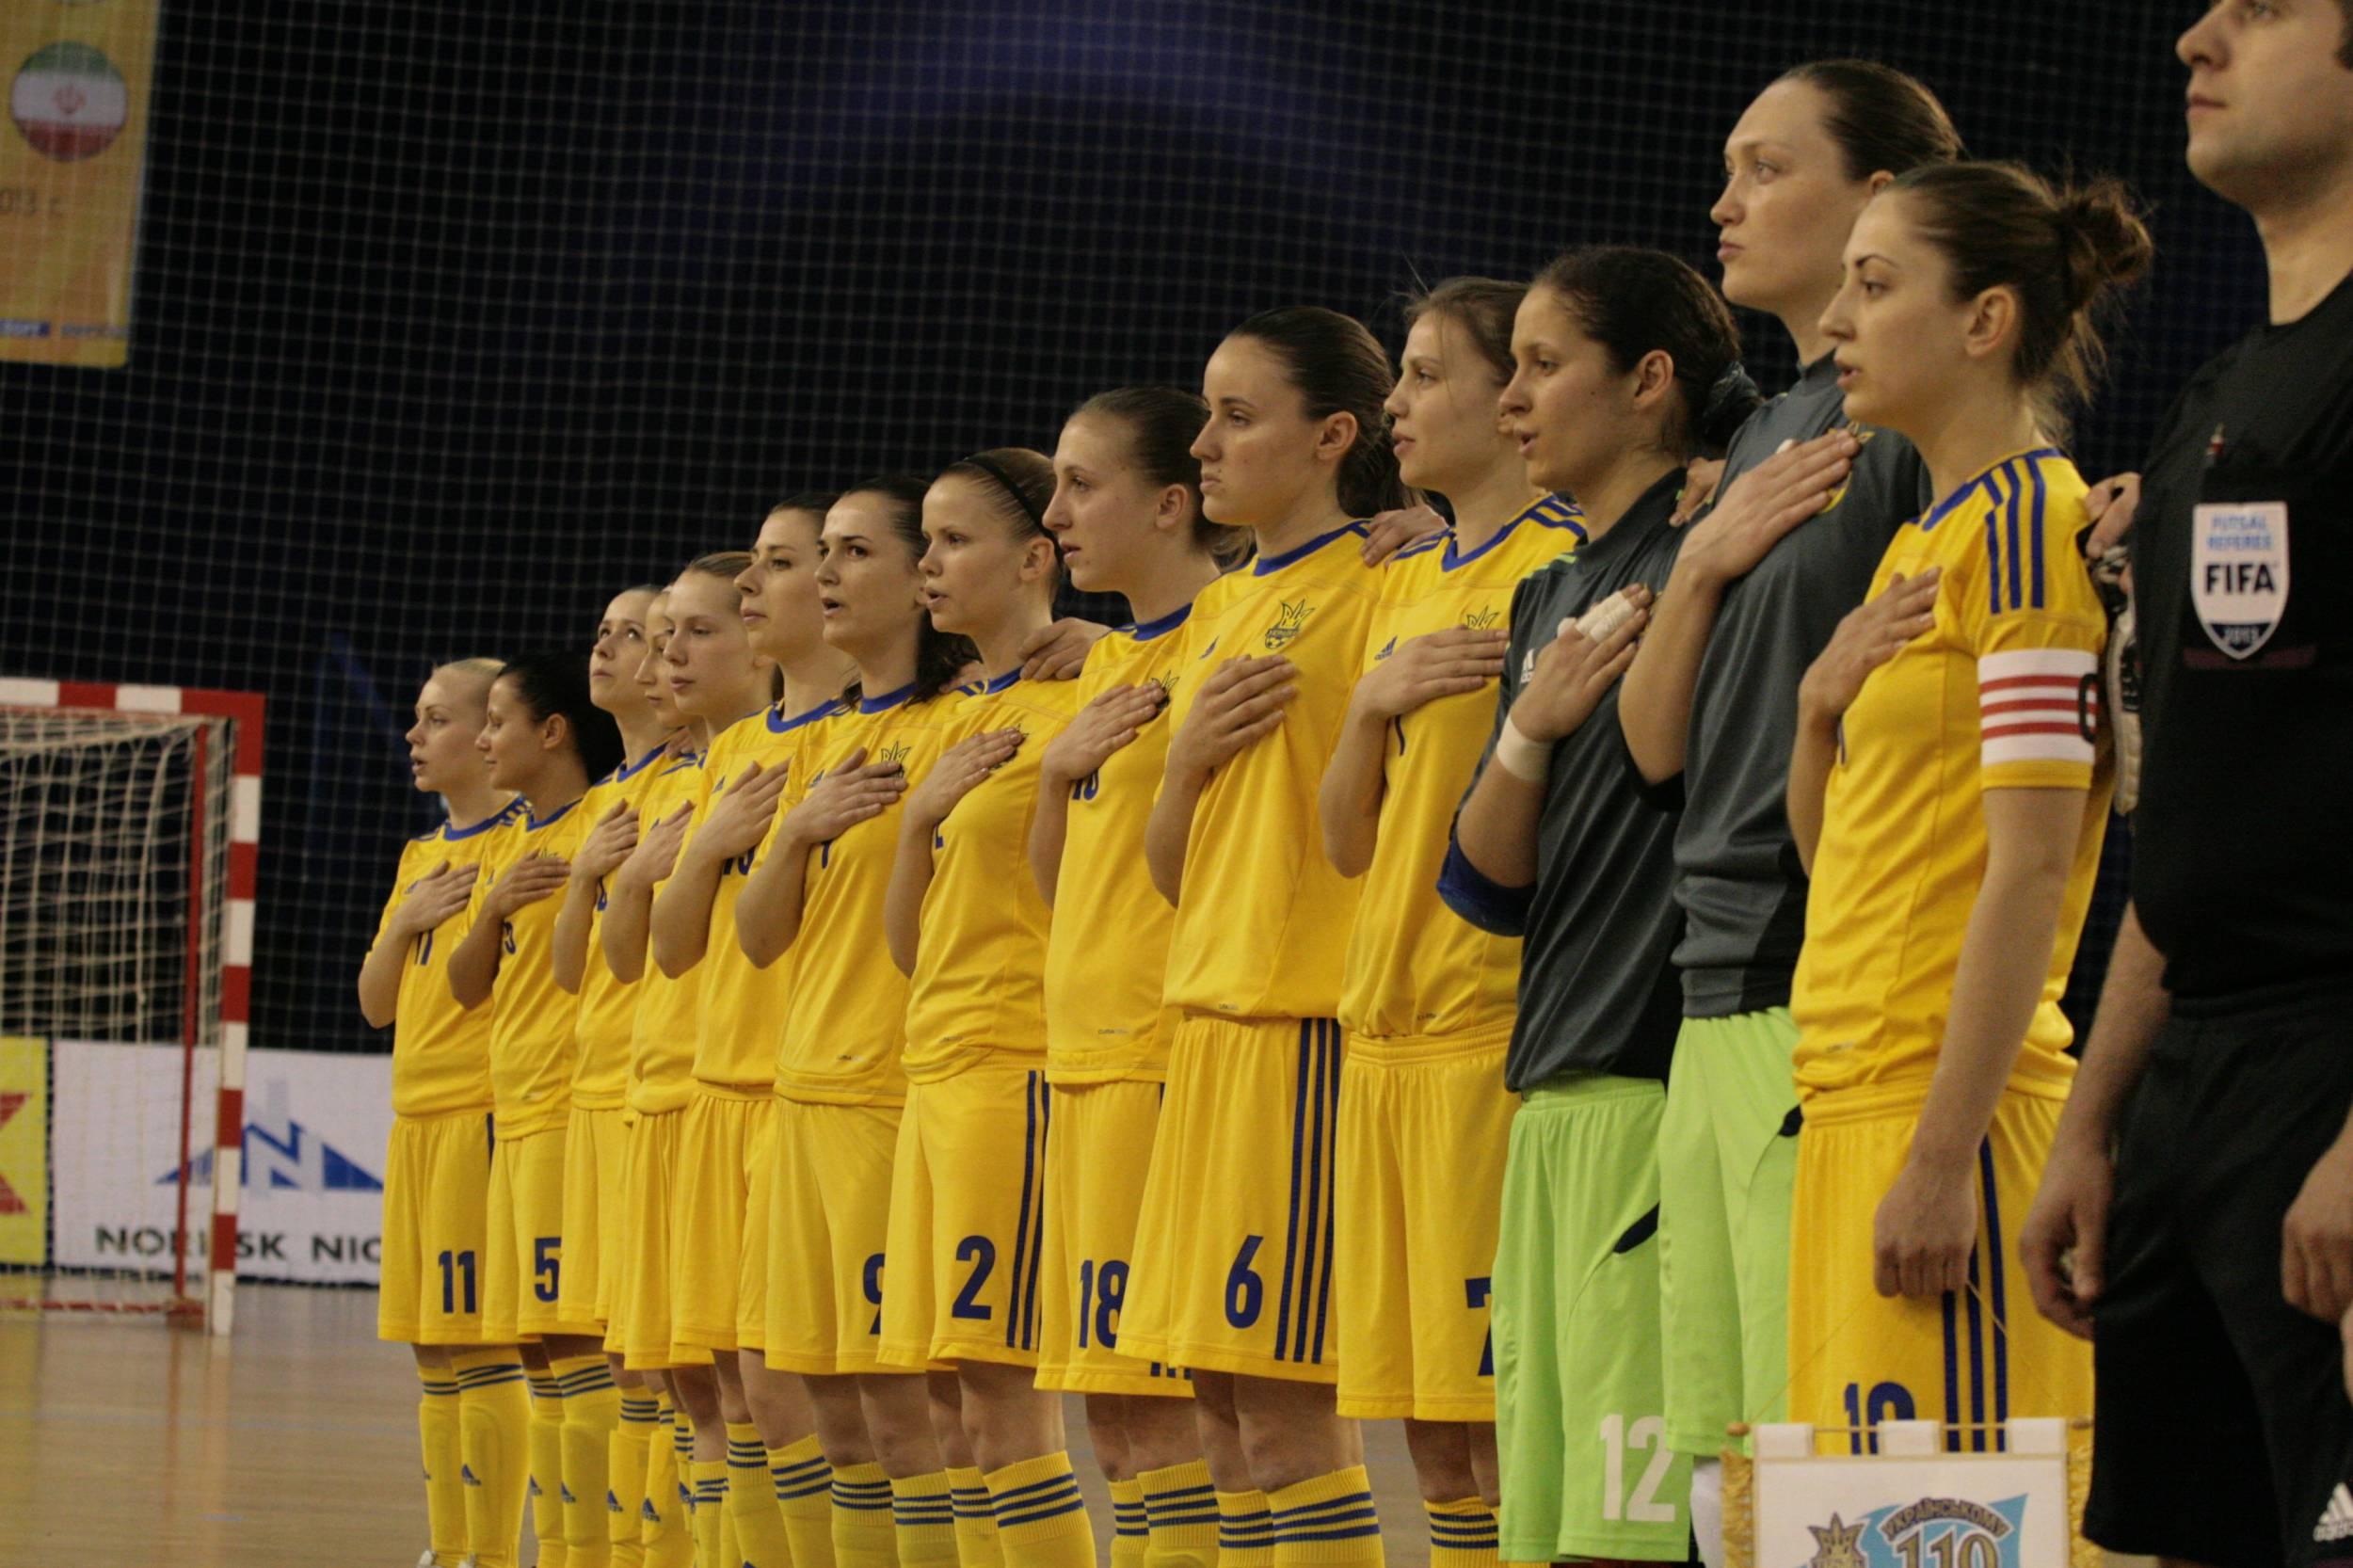 мини-футбол, посвященный 9 мая 2013, женская сборная России, женская сборная Украины, женский футзал, Международный женский турнир